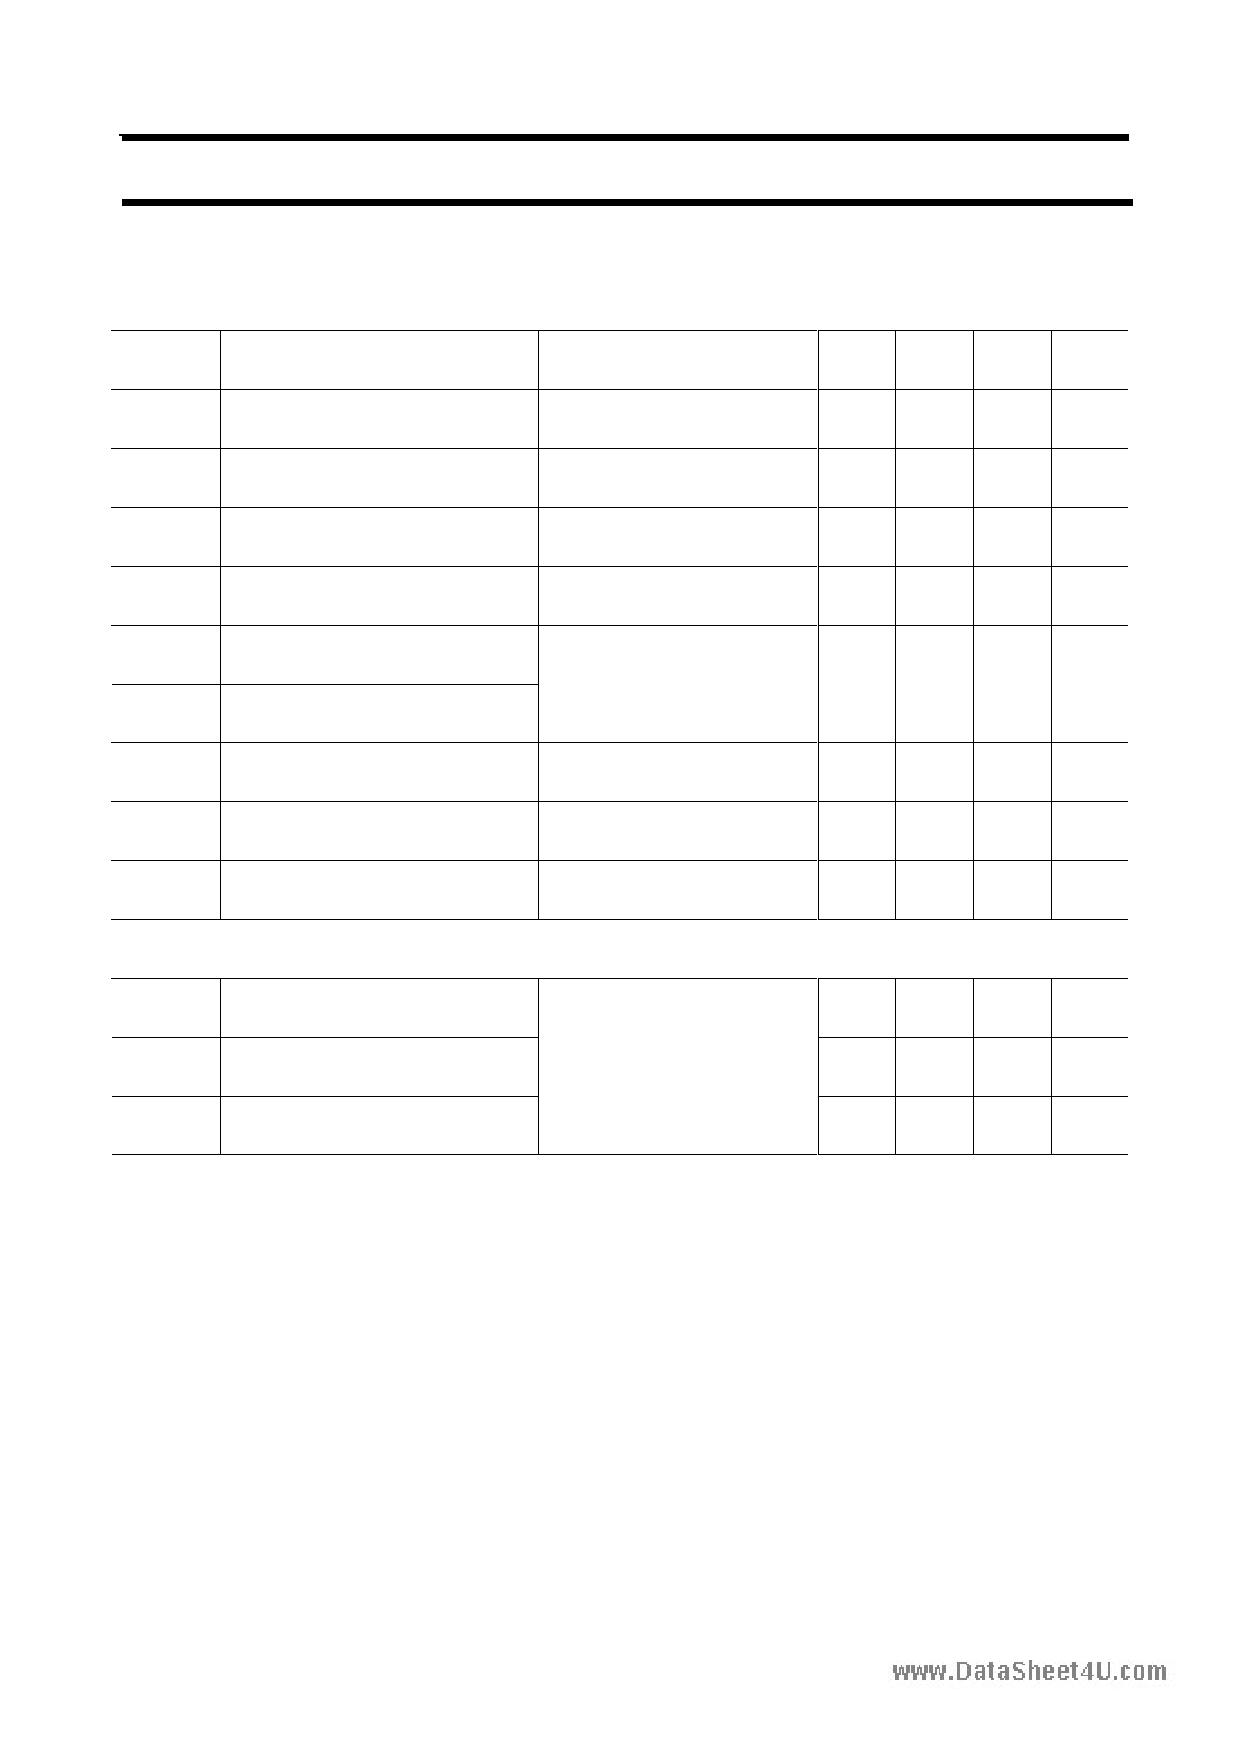 C4581 pdf, schematic